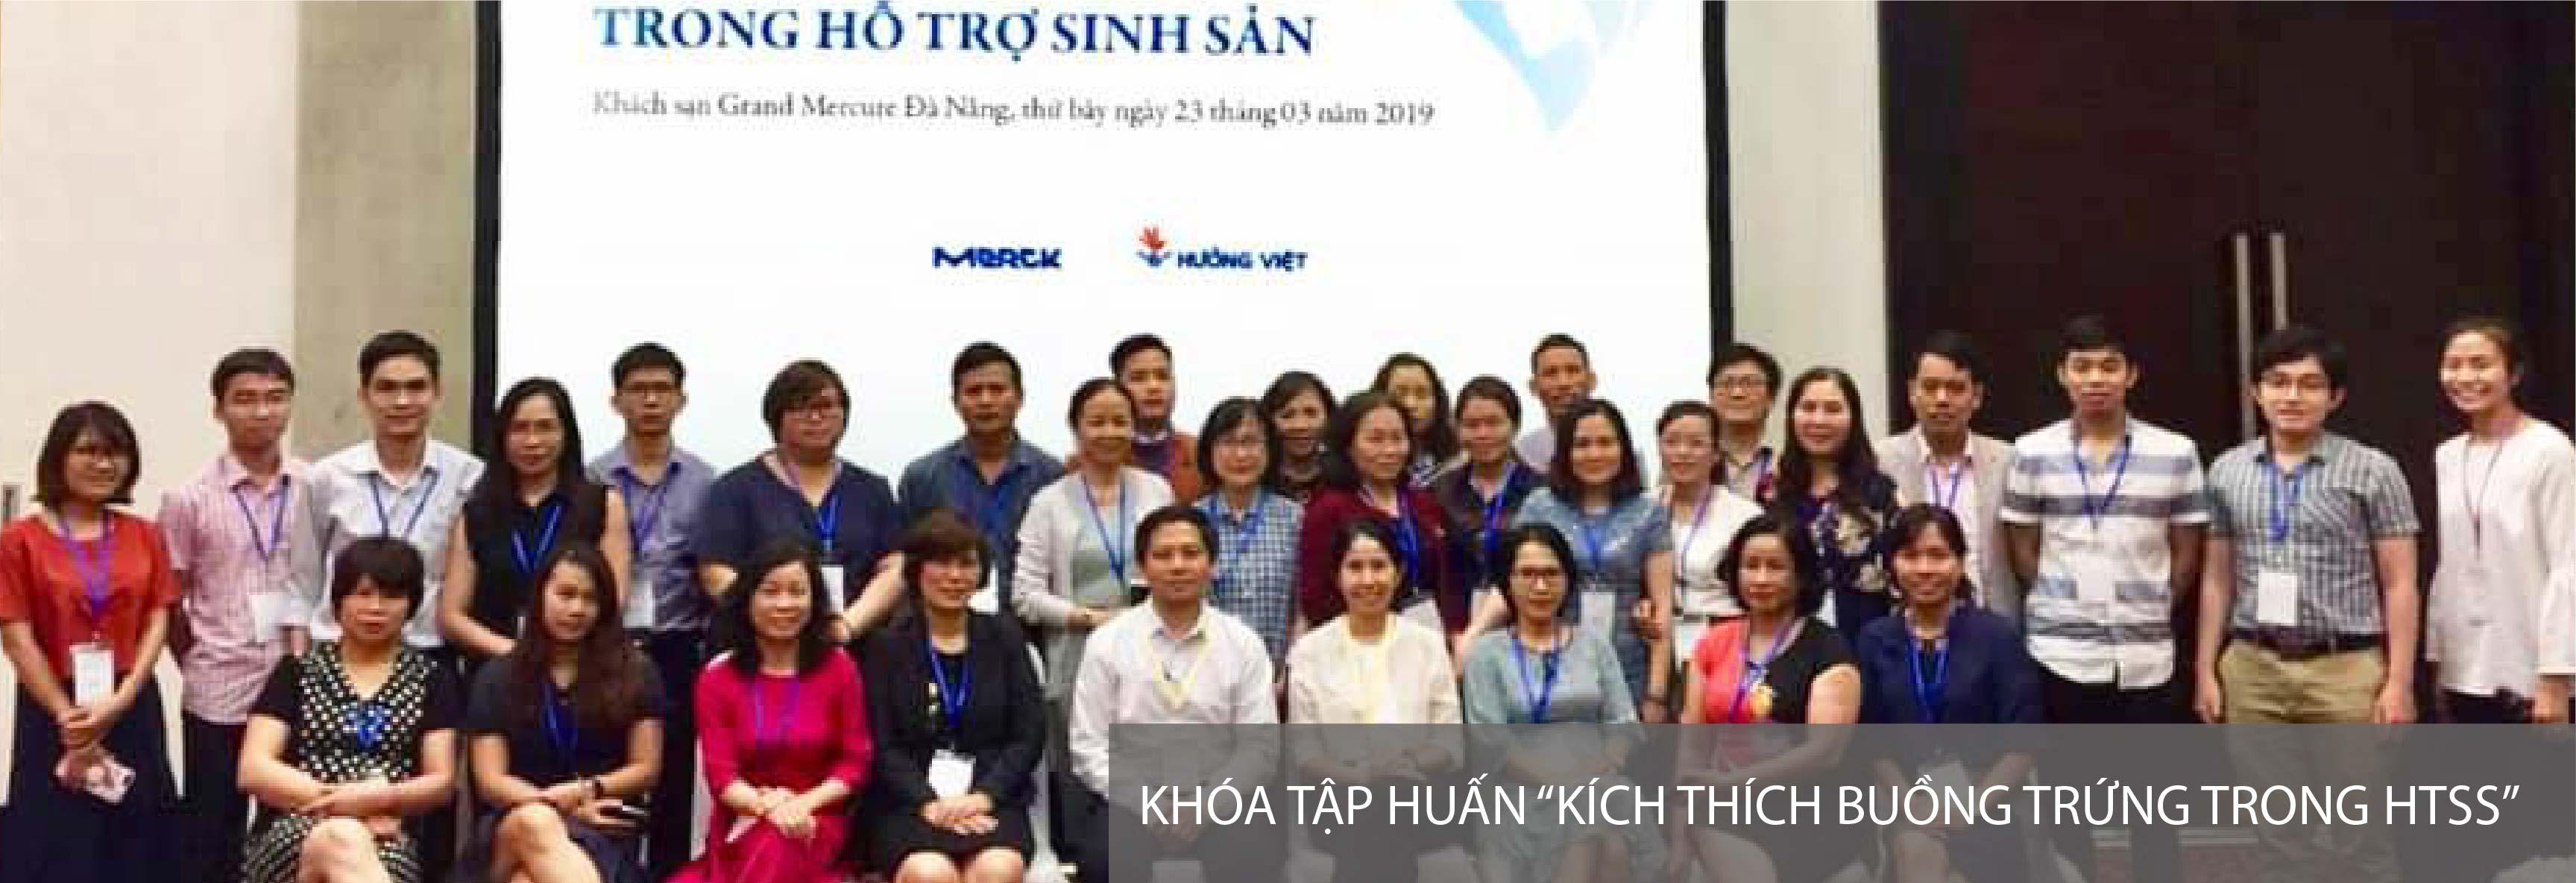 hinh hoat dong 2019-02